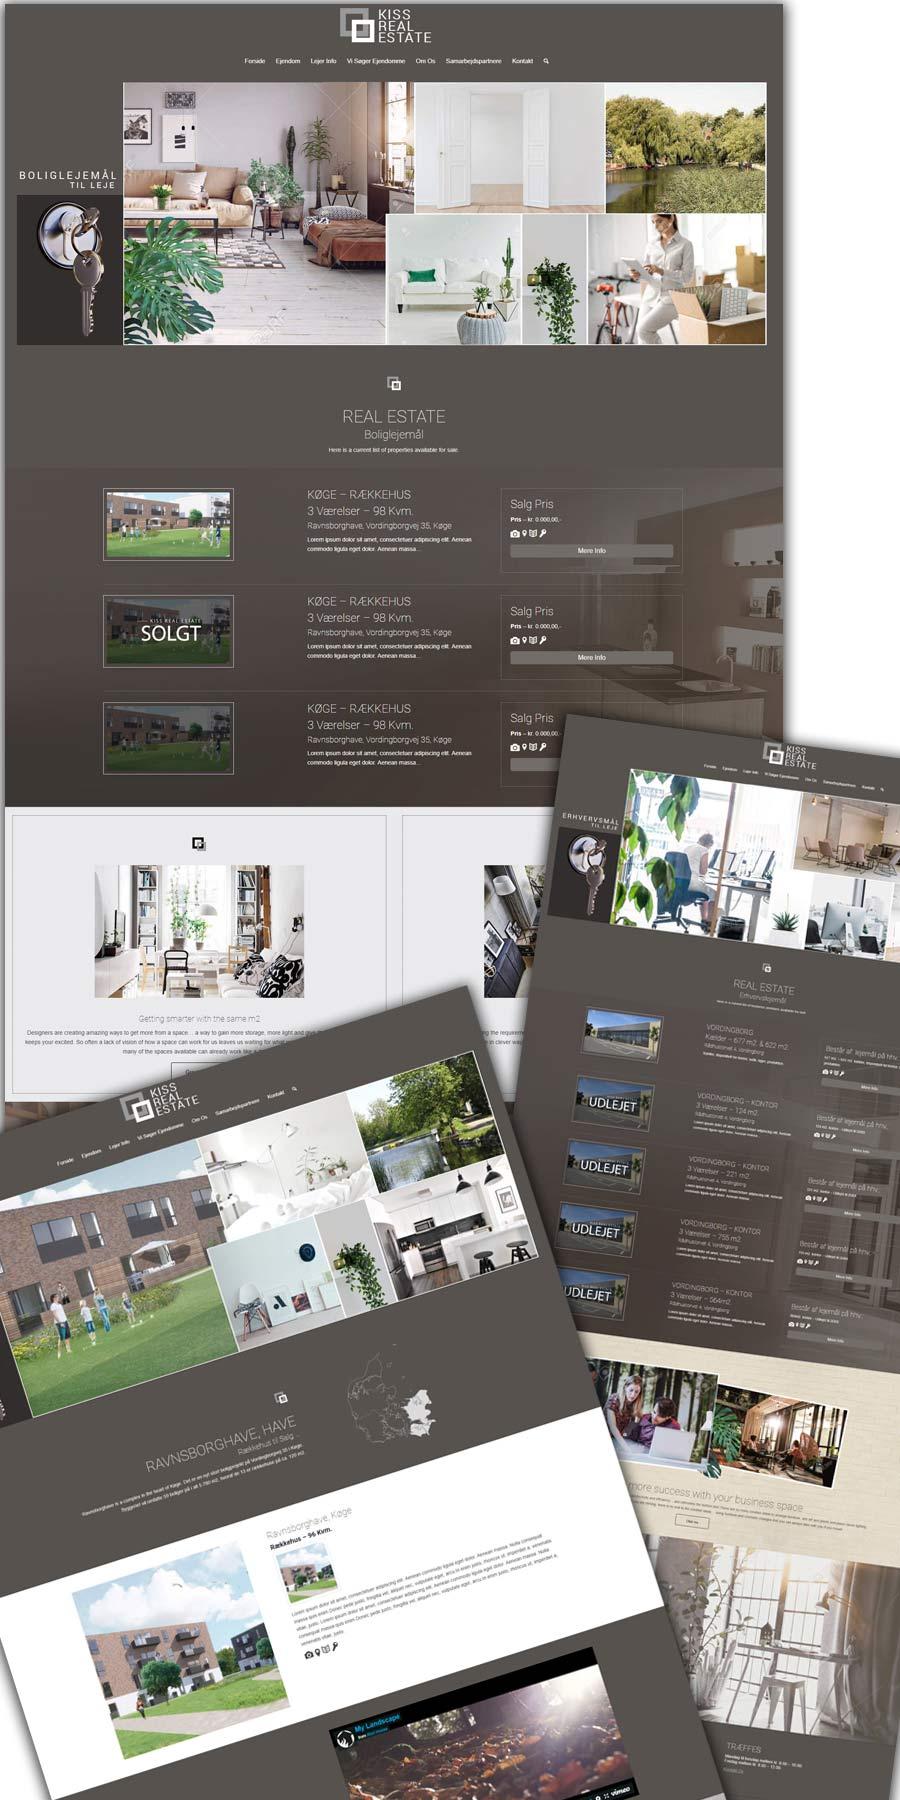 Mockup af hjemmeside sider